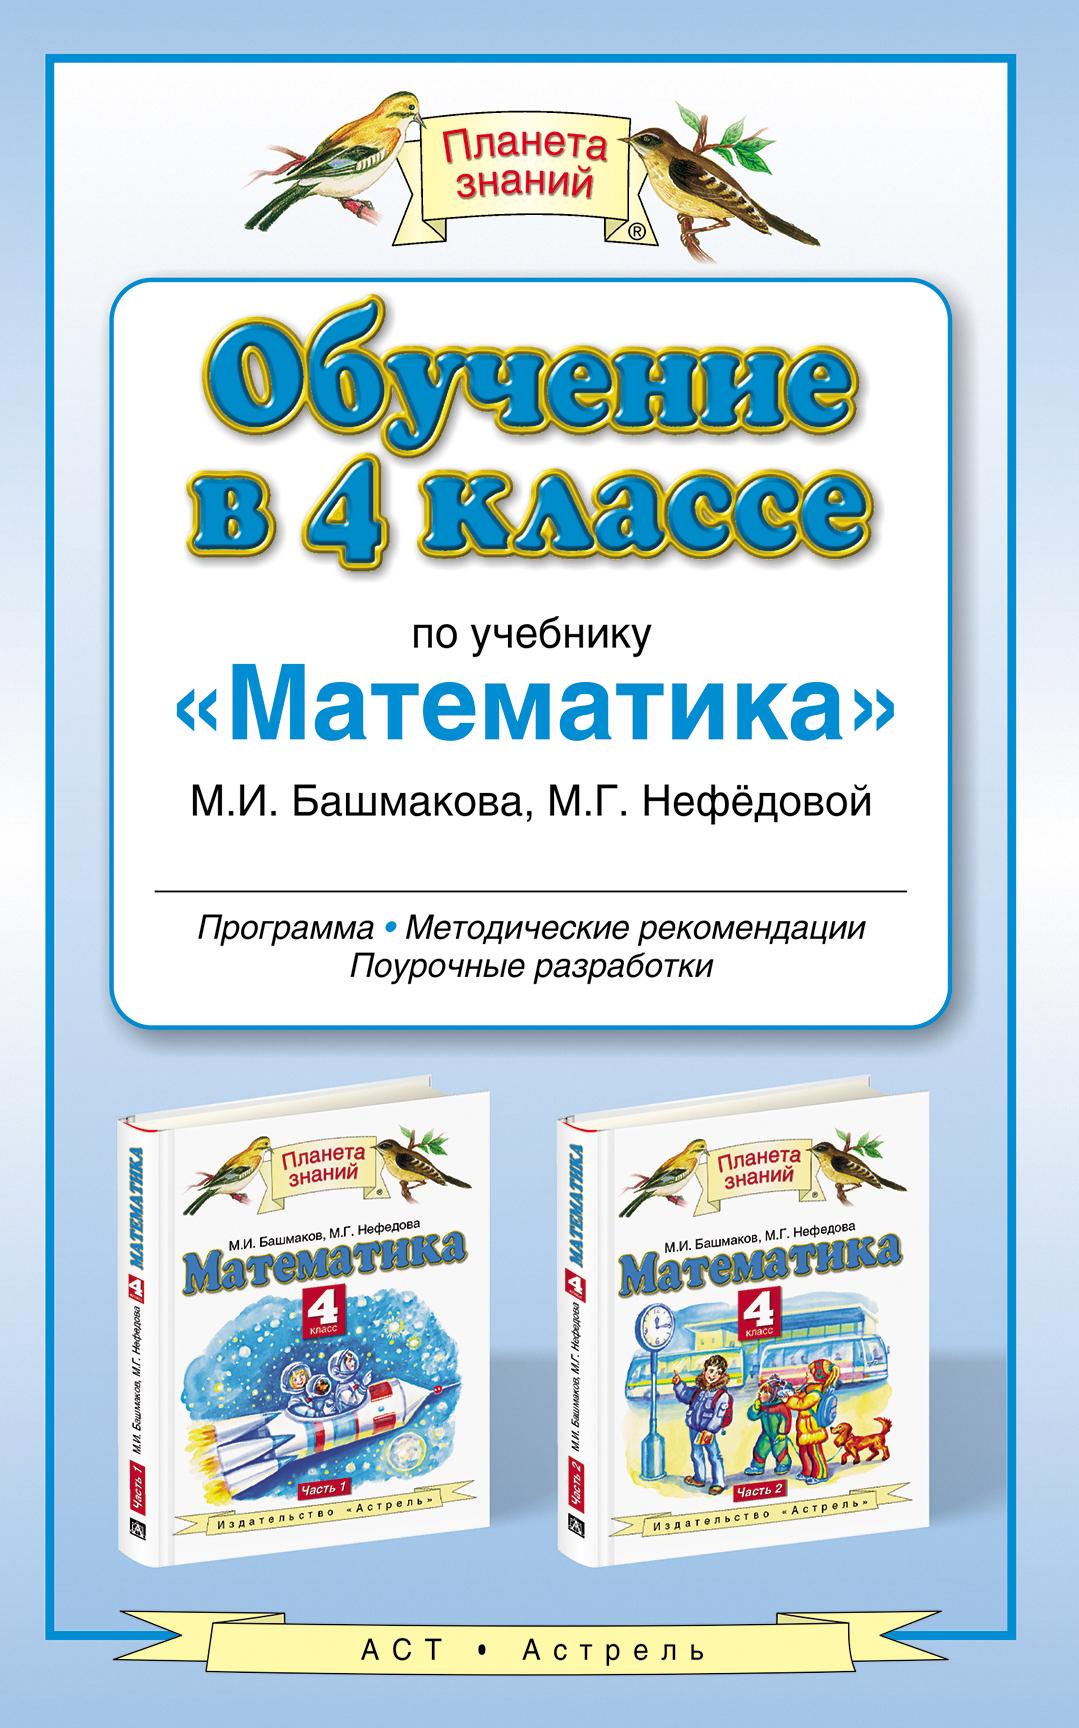 Обучение в 4 классе по учебнику «Математика» от book24.ru